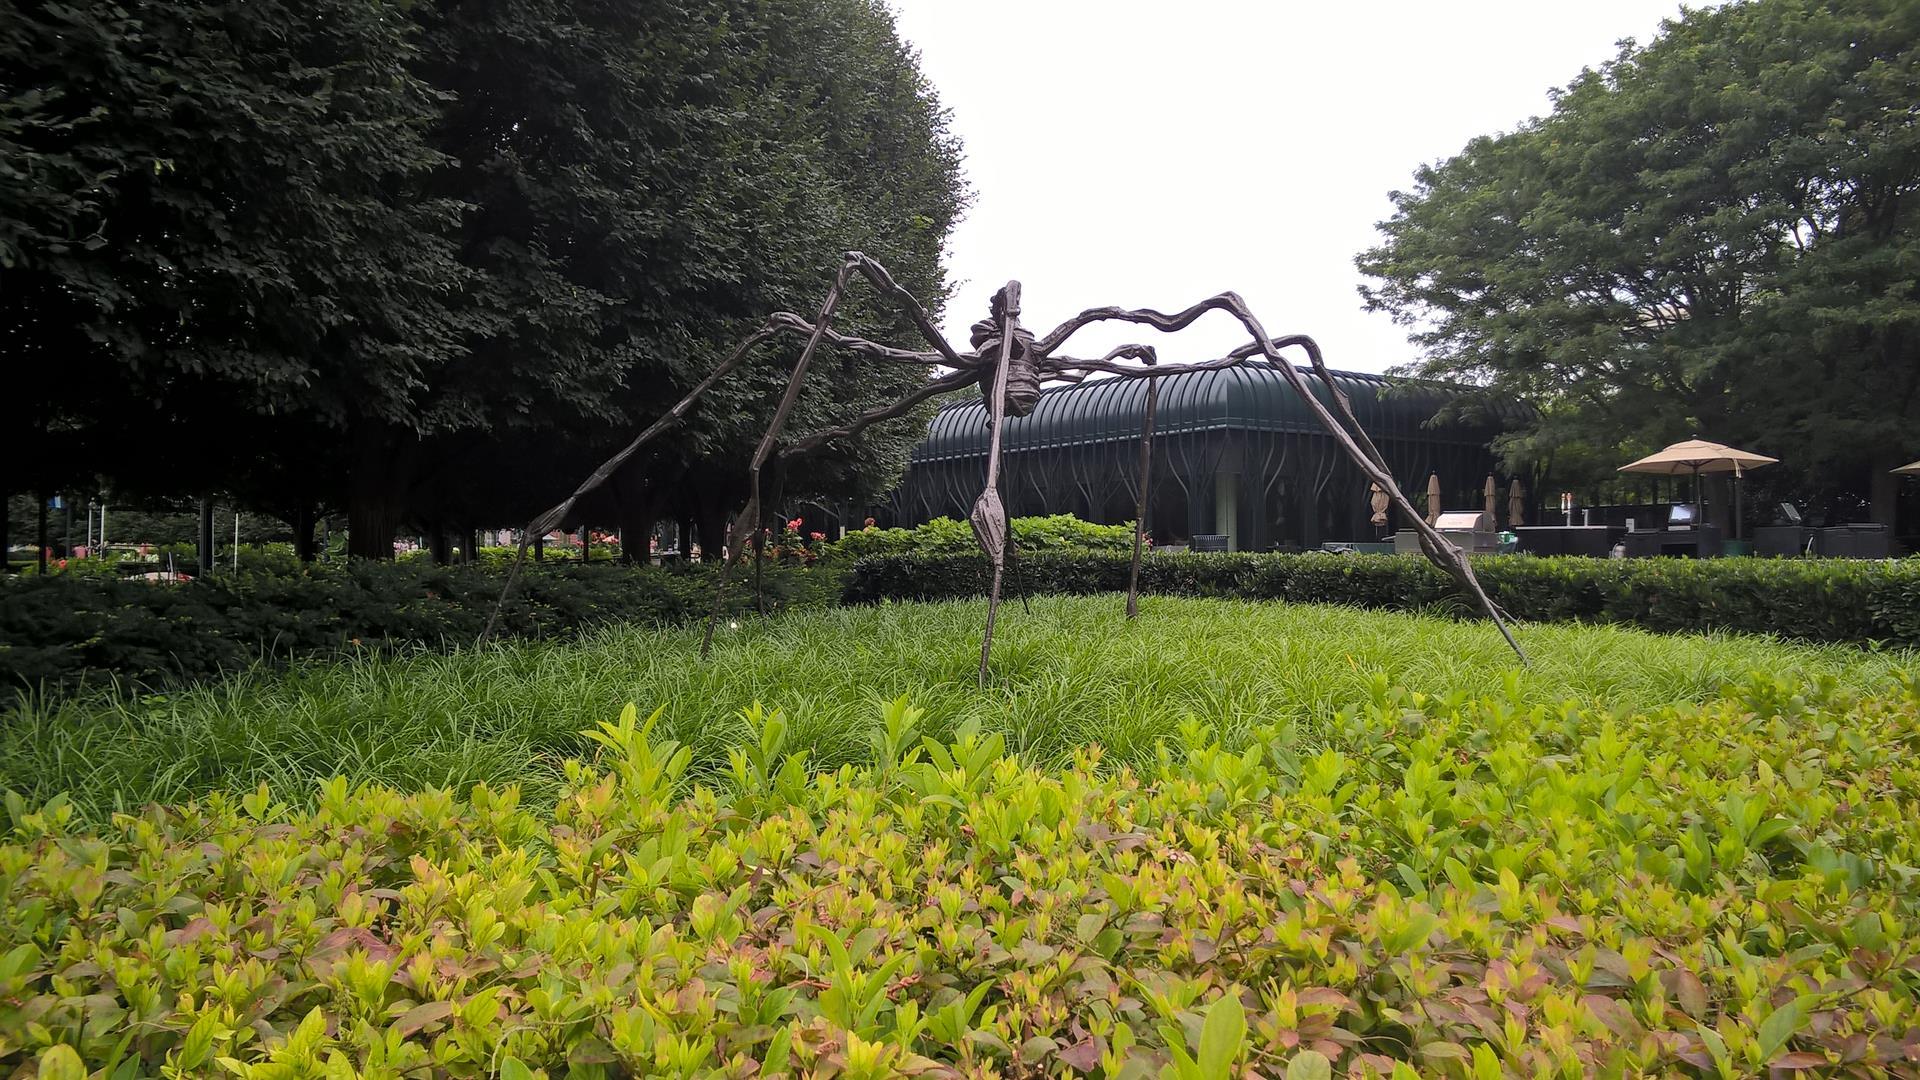 Moderne Kunst: Das ist doch bestimmt eine Spinne